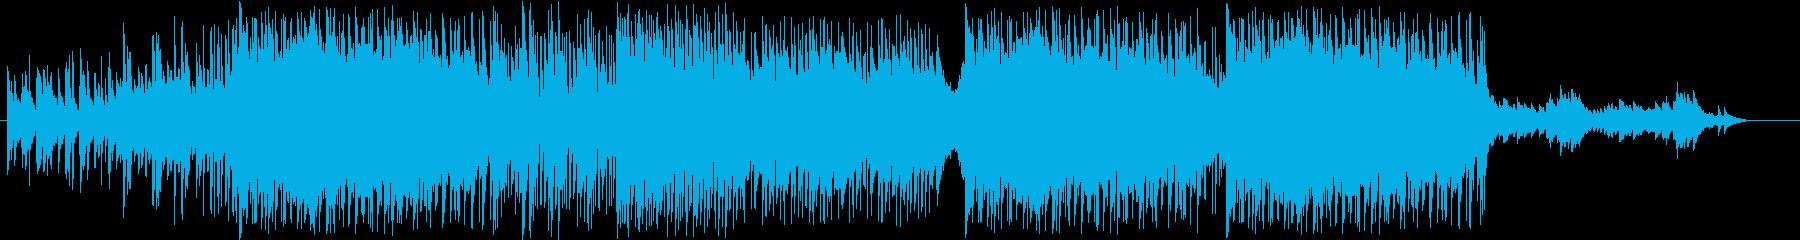 定番の結婚式SONG ベルのメロディーの再生済みの波形